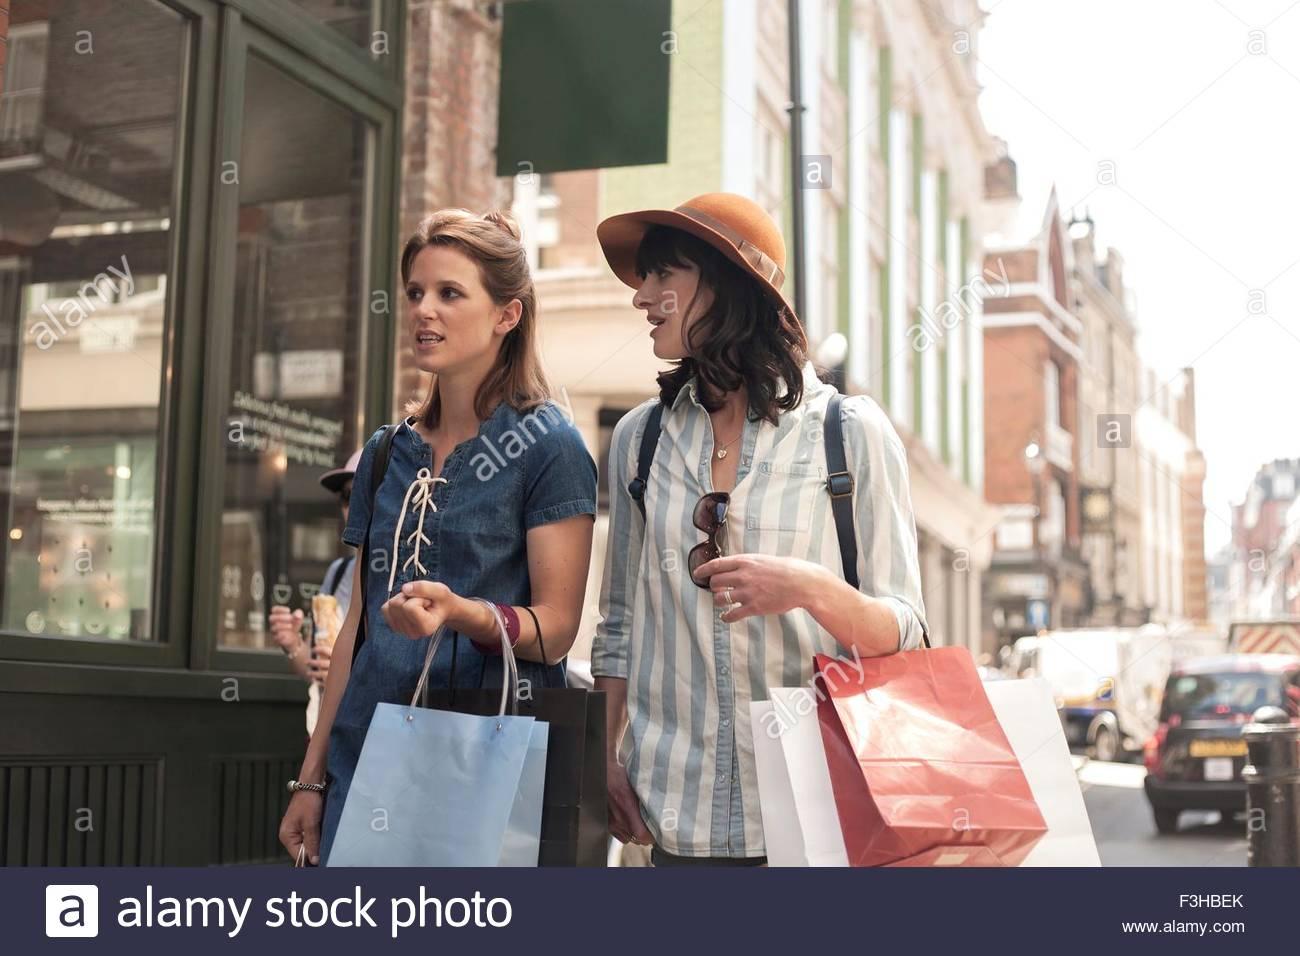 Zwei Frauen, die Schaufenster betrachten Einkaufstaschen tragen Stockfoto